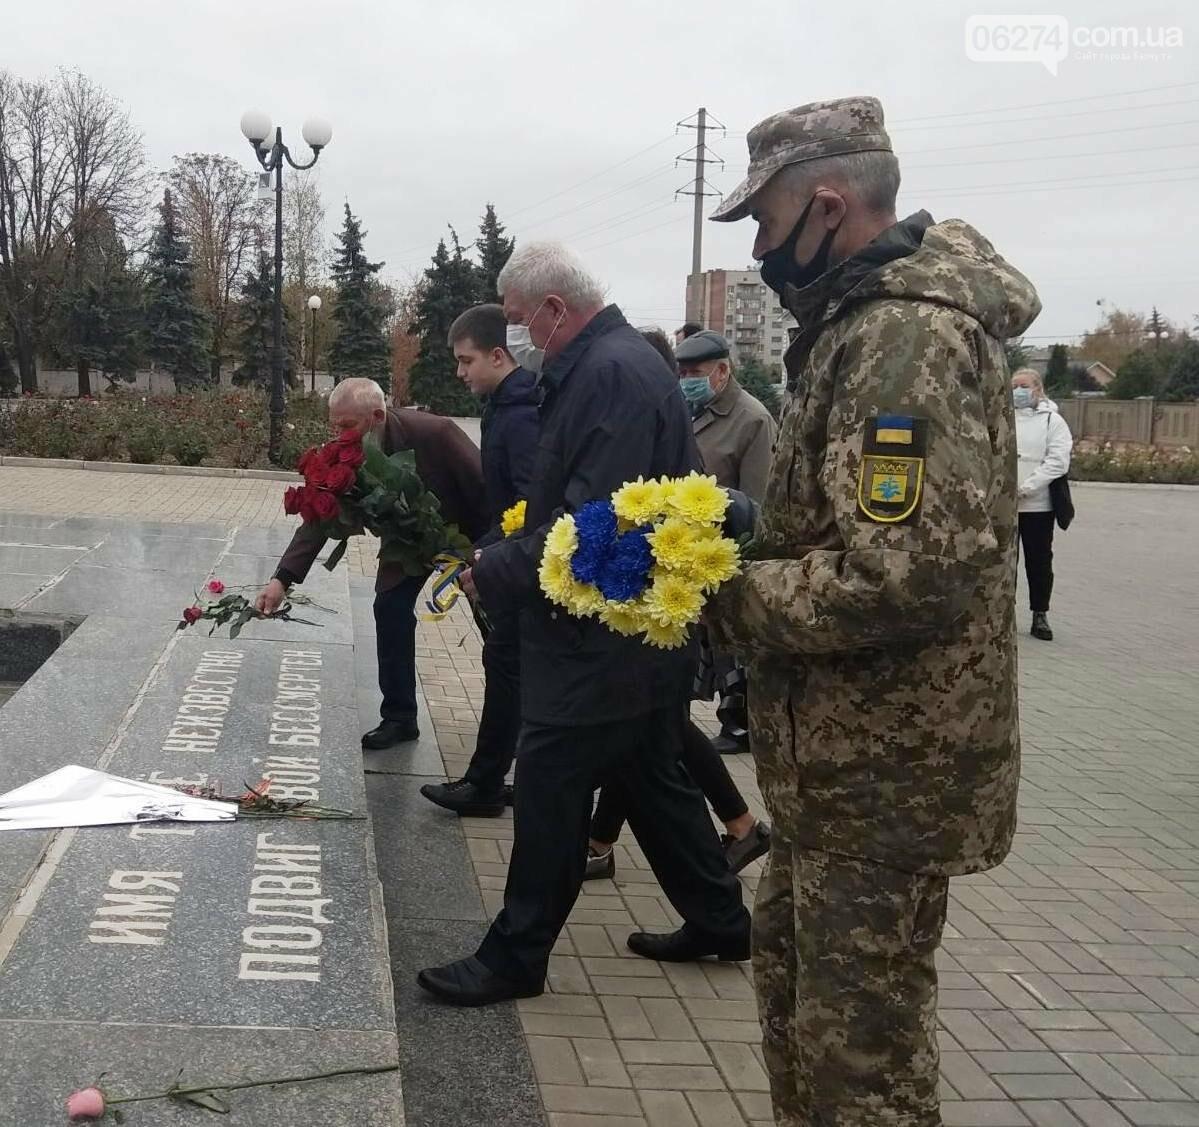 В Бахмуте отметили 76-ю годовщину освобождения Украины от нацистов, фото-3